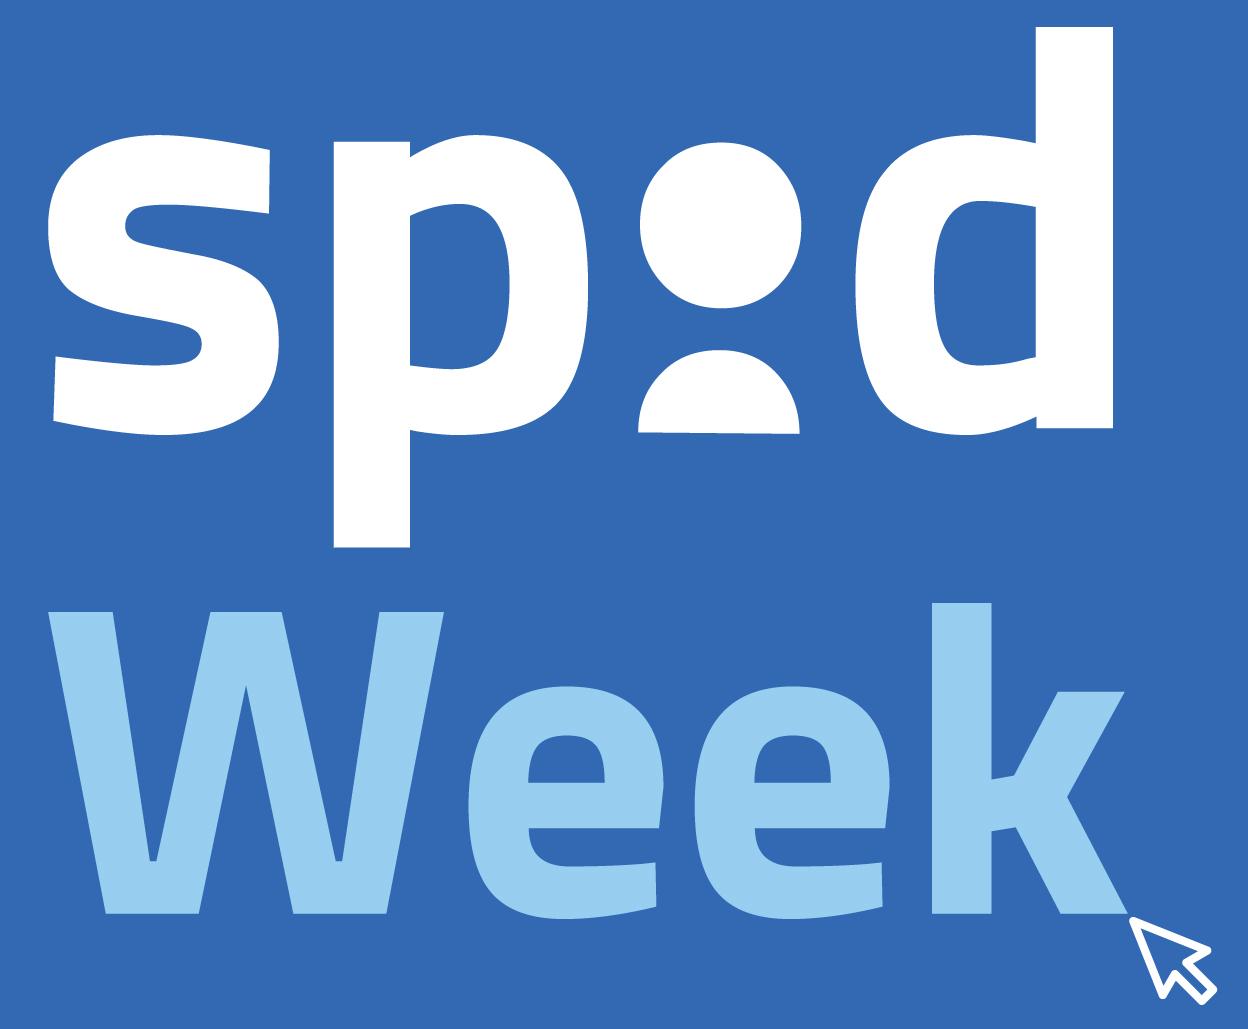 spid week a.jpg